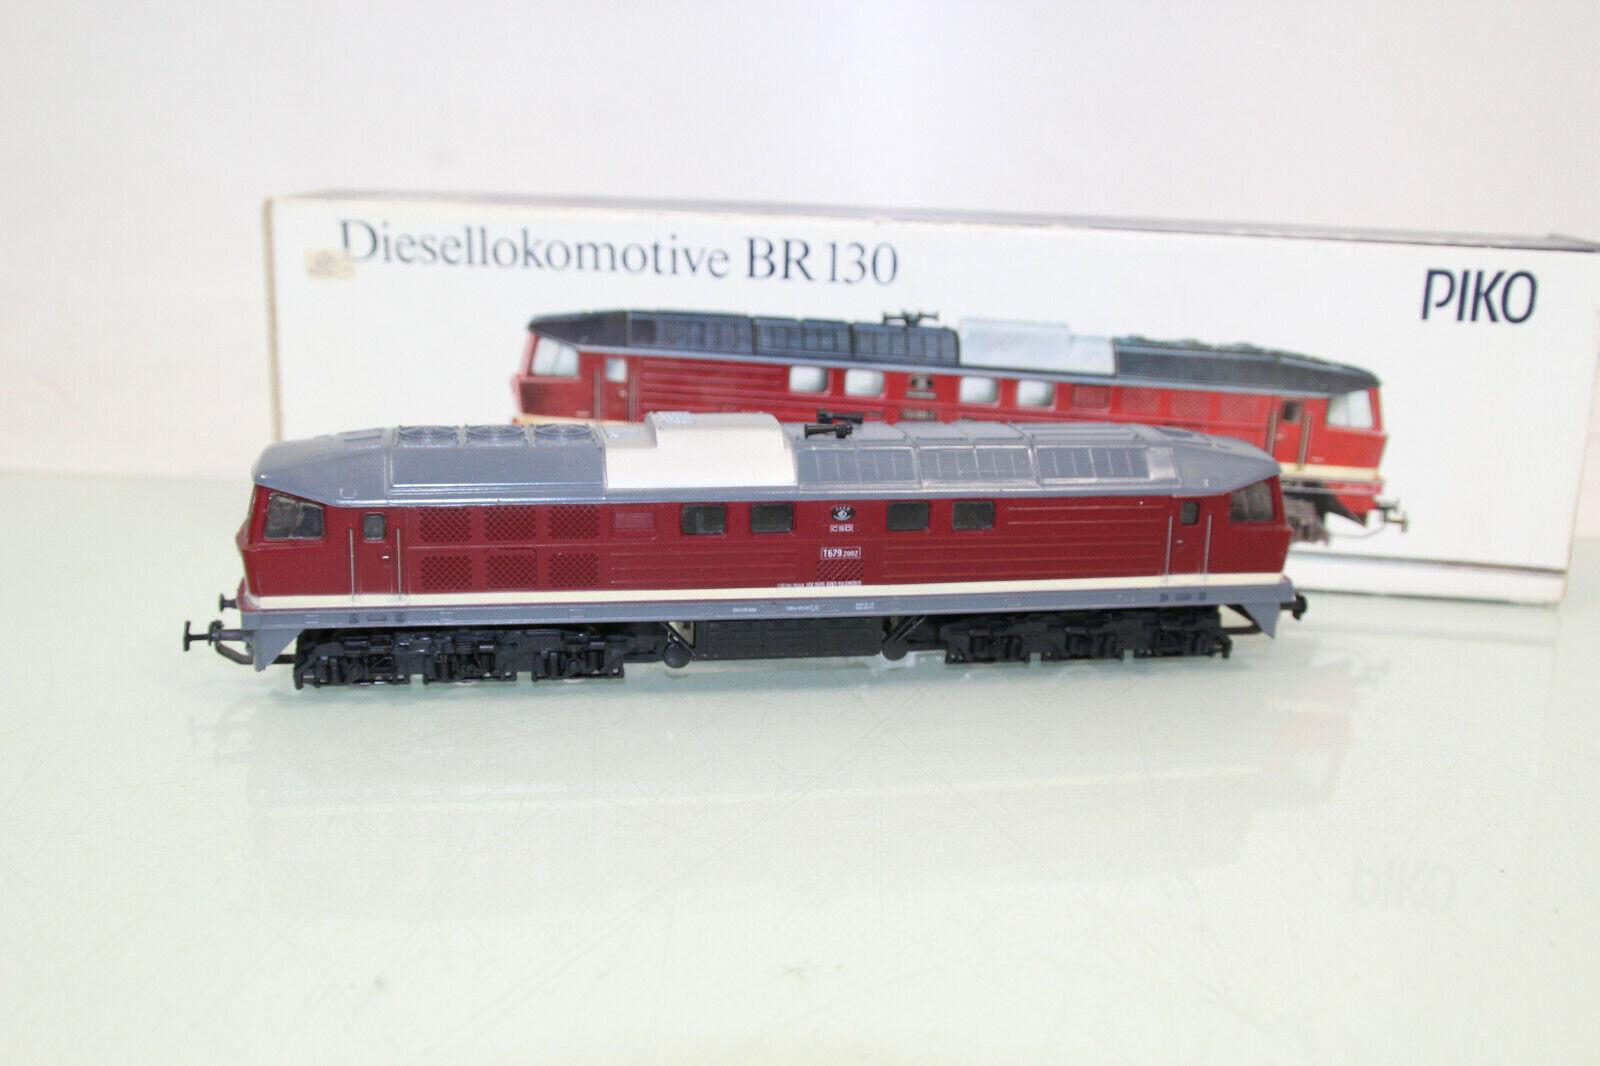 PIKO h0 56010180 Diesel T 679 2002 del CSD molto ben tenuto in scatola originale cl5396